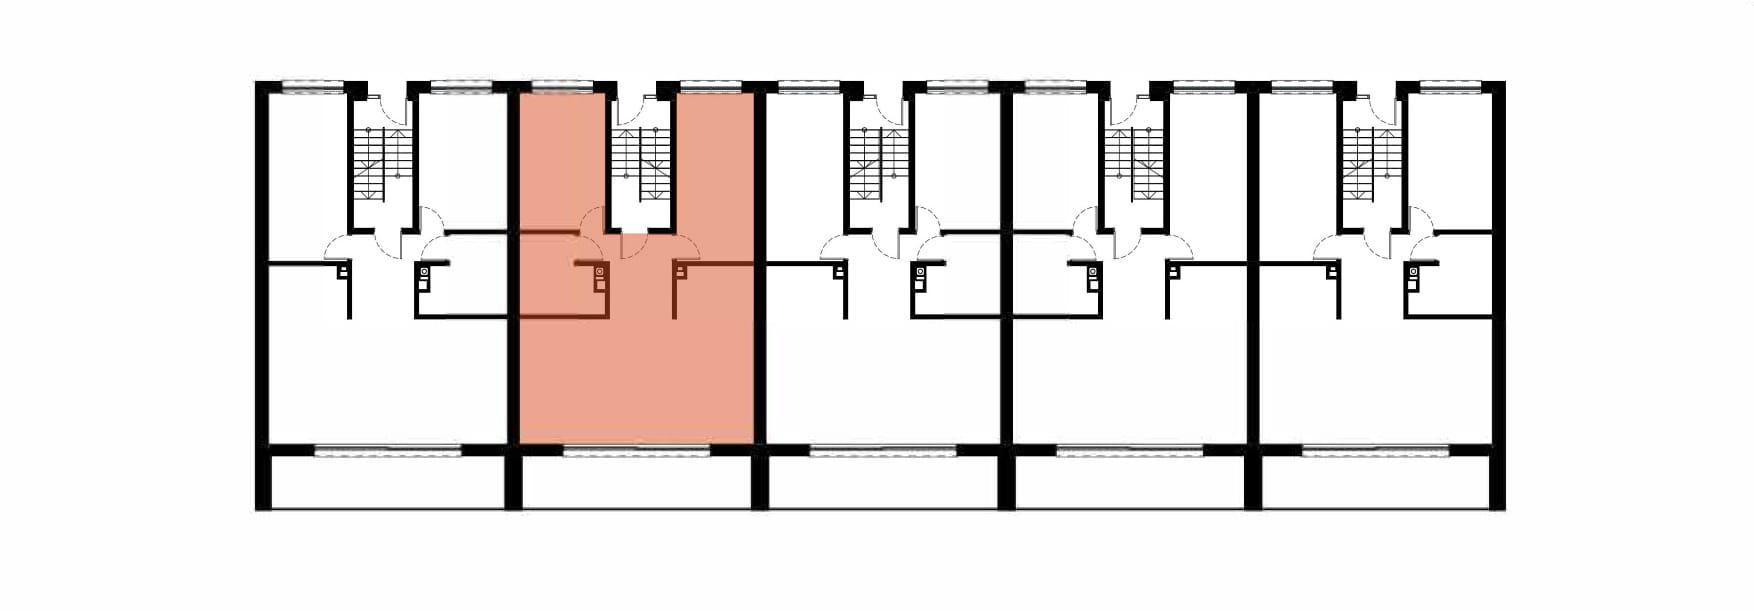 Apartamenty Kamienna / apartamenty inwestycyjne 2A rzut 2